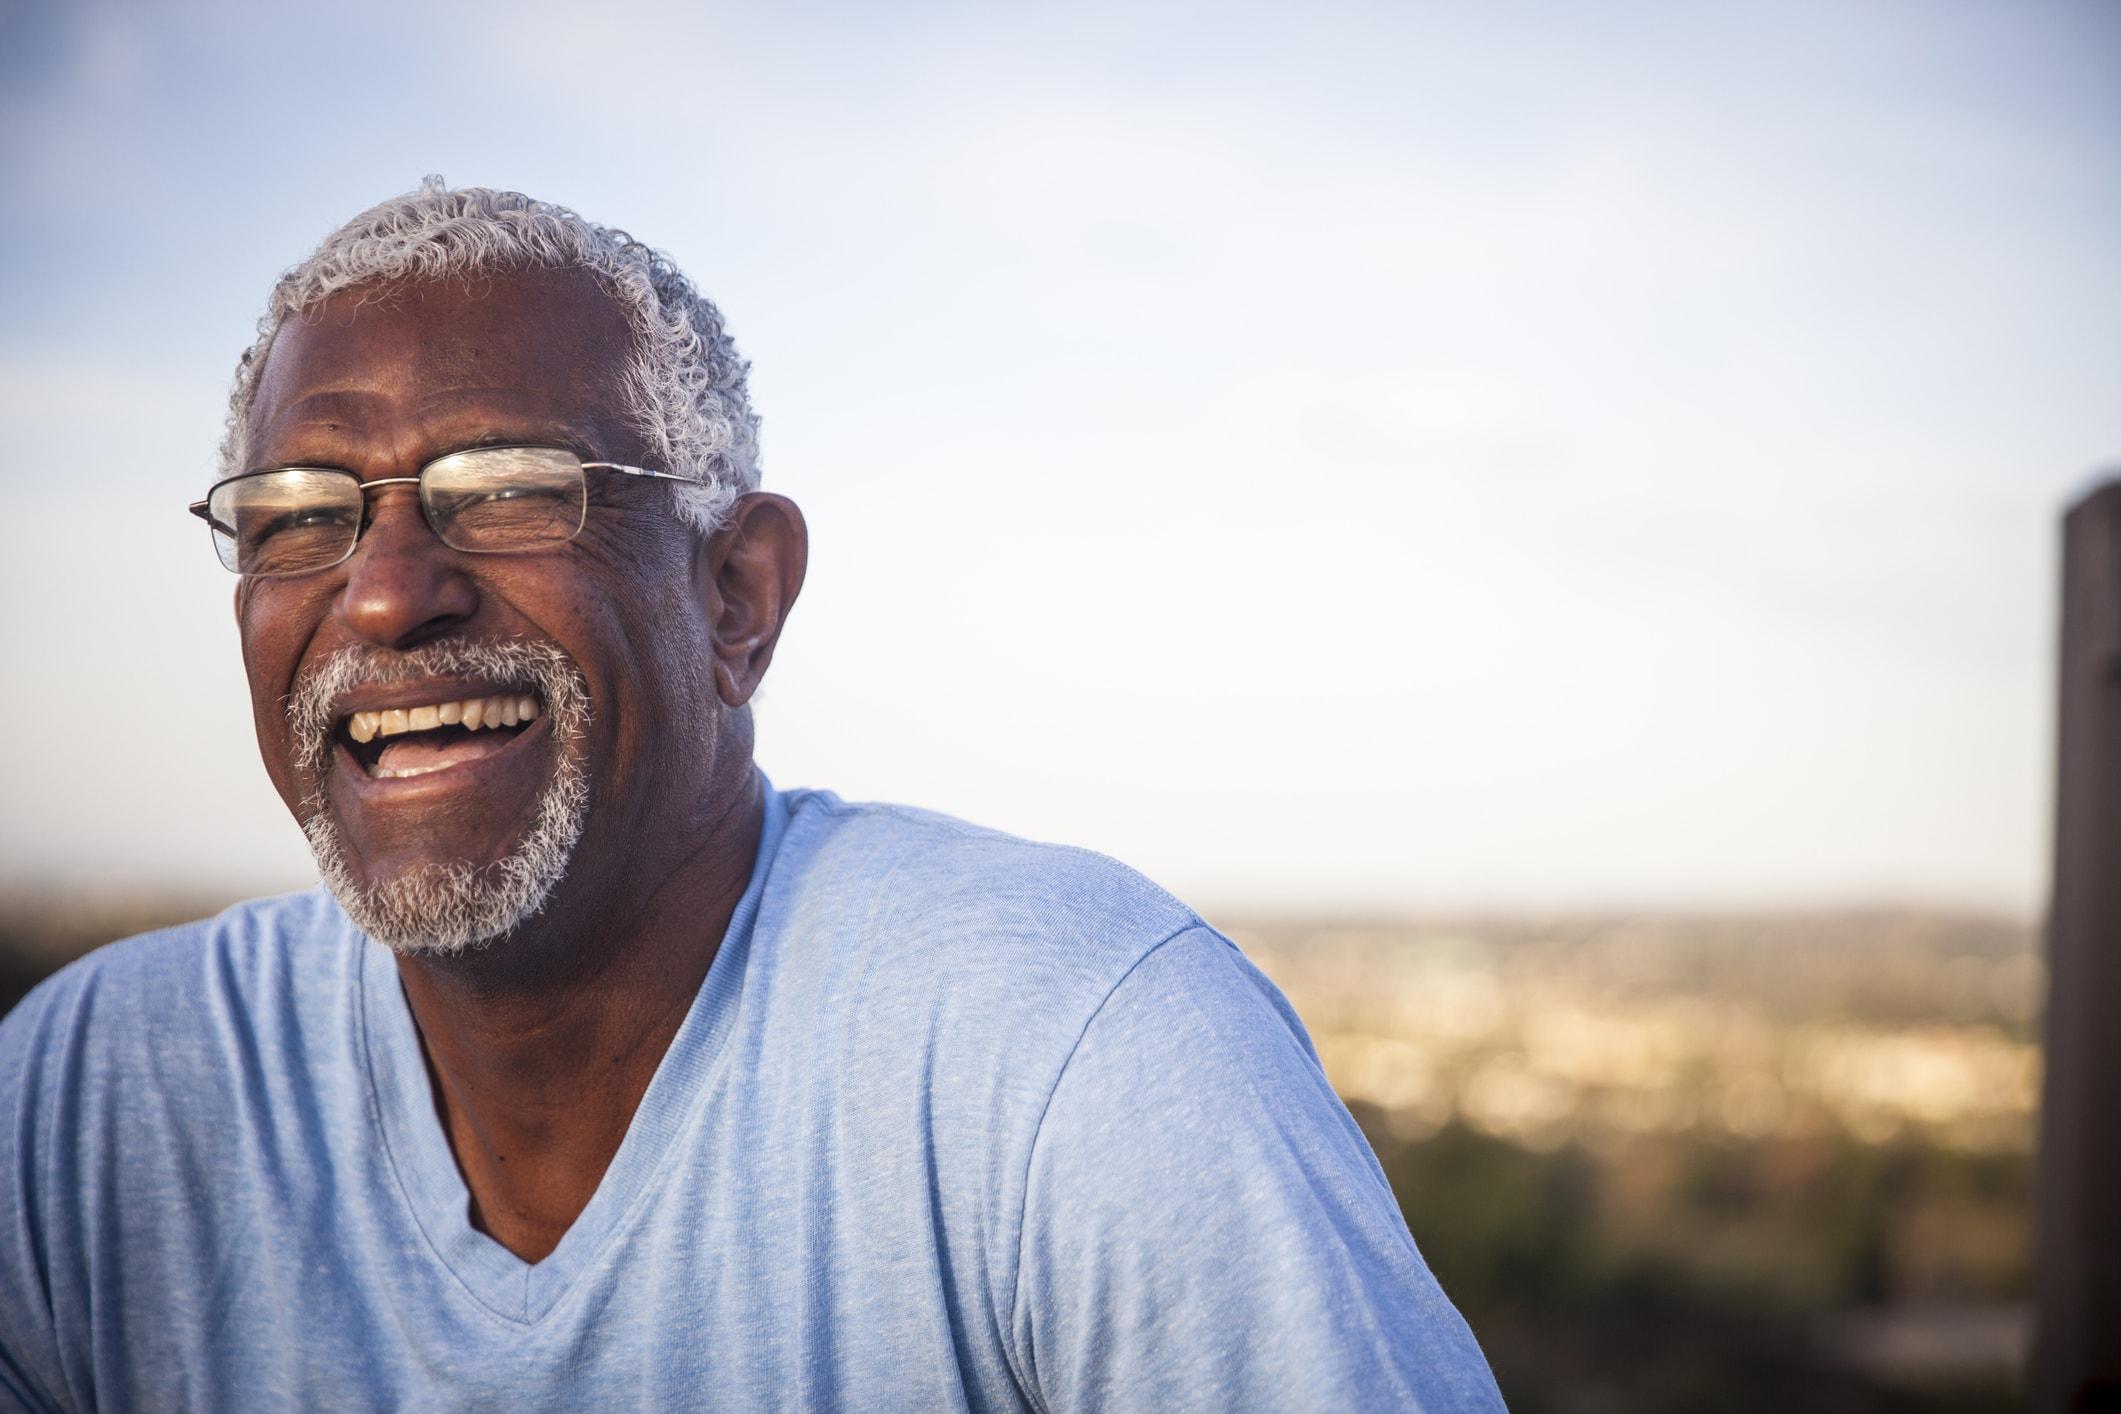 Elder man smiling